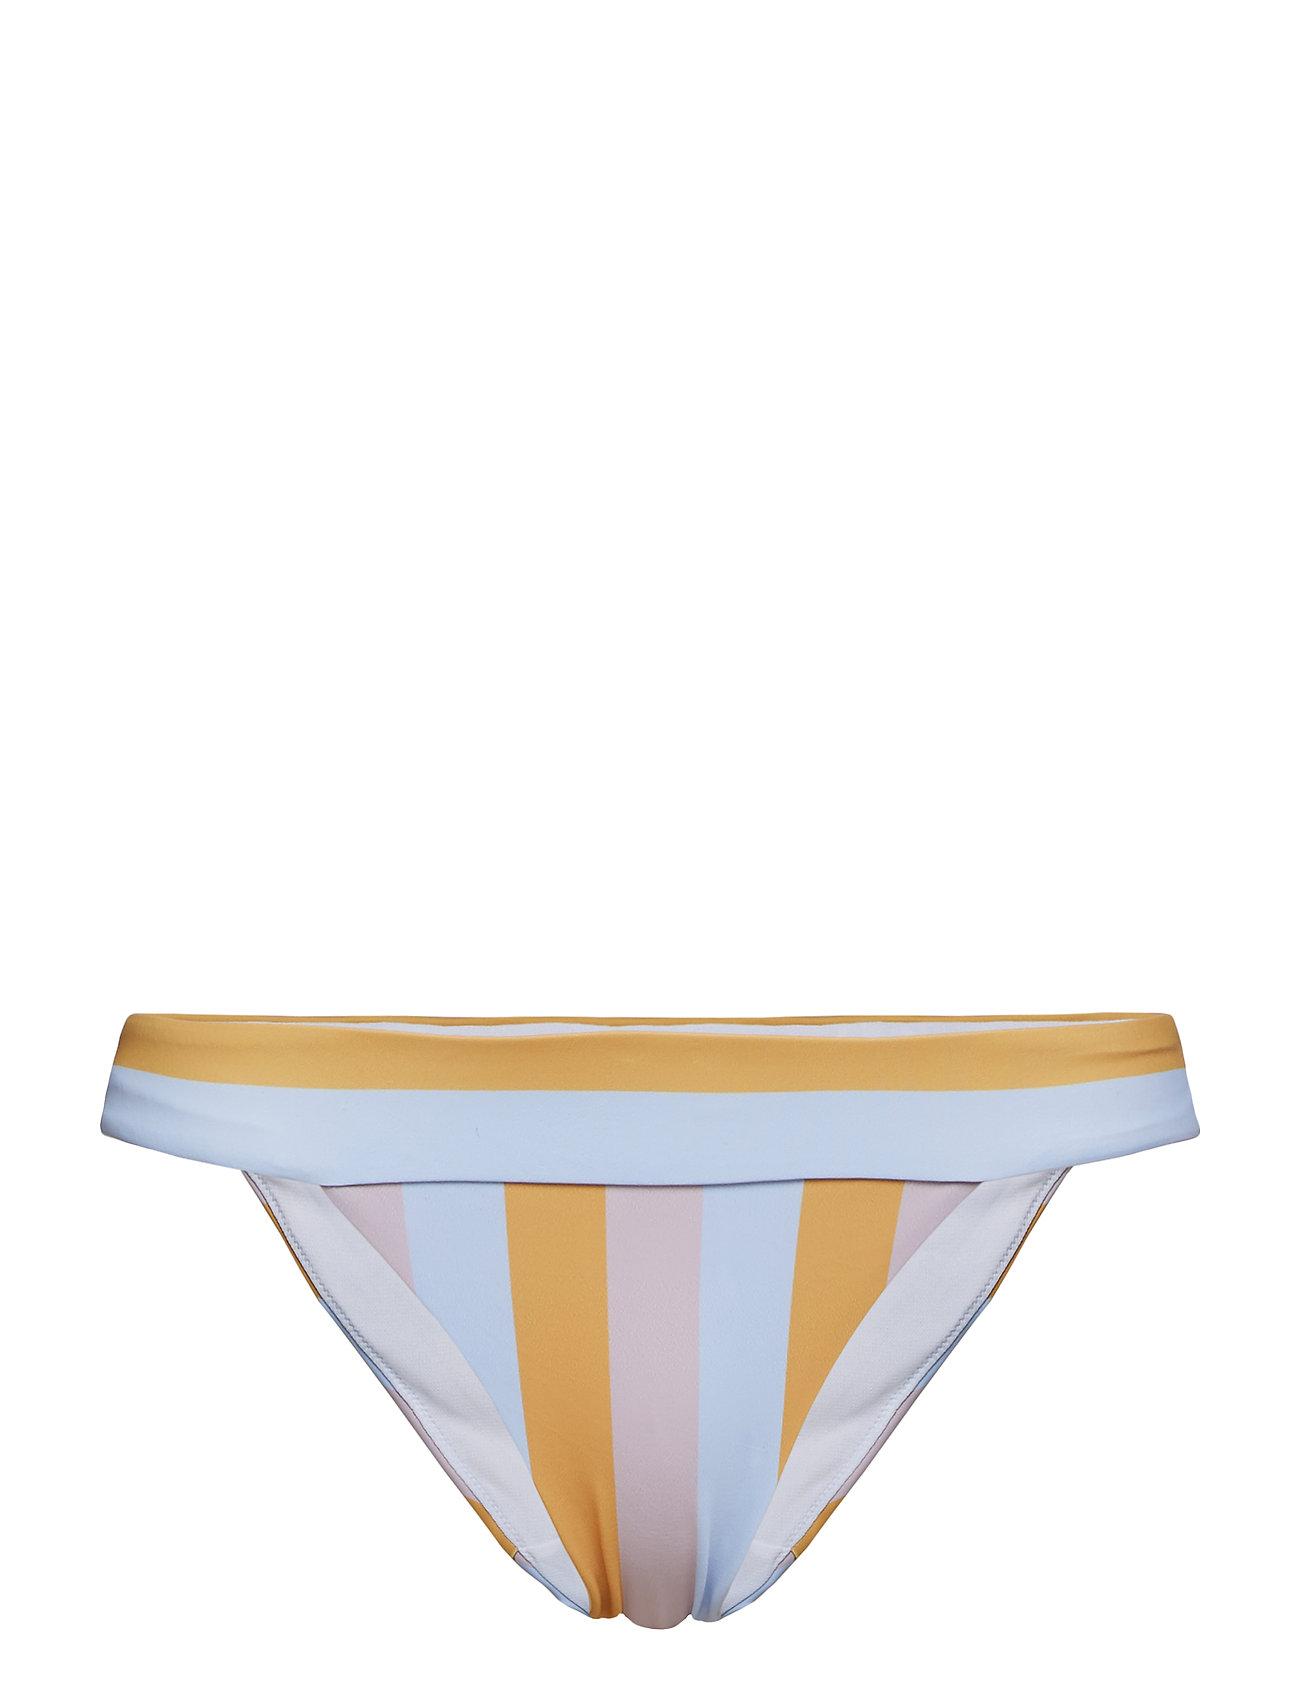 e424a241ed5 Filiagz Bikini Top Hs19 - Udsalg og tilbud - Køb online